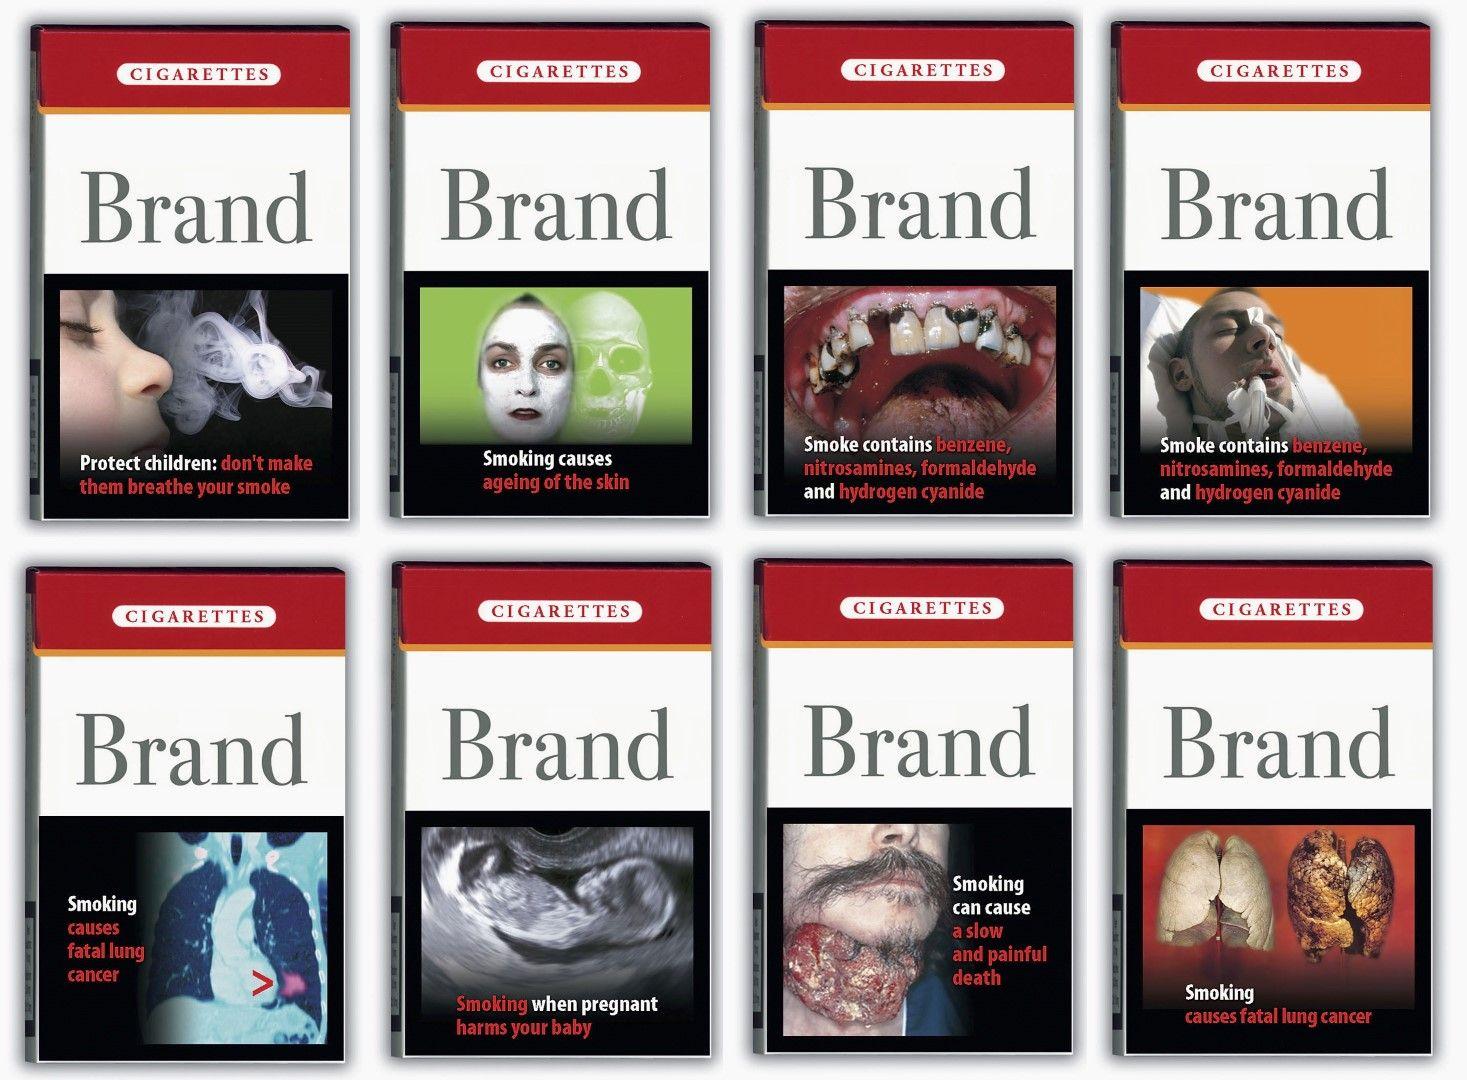 Предложения за изображения върху цигарени кутии, разглеждани от Европейската комисия през 2004 г.